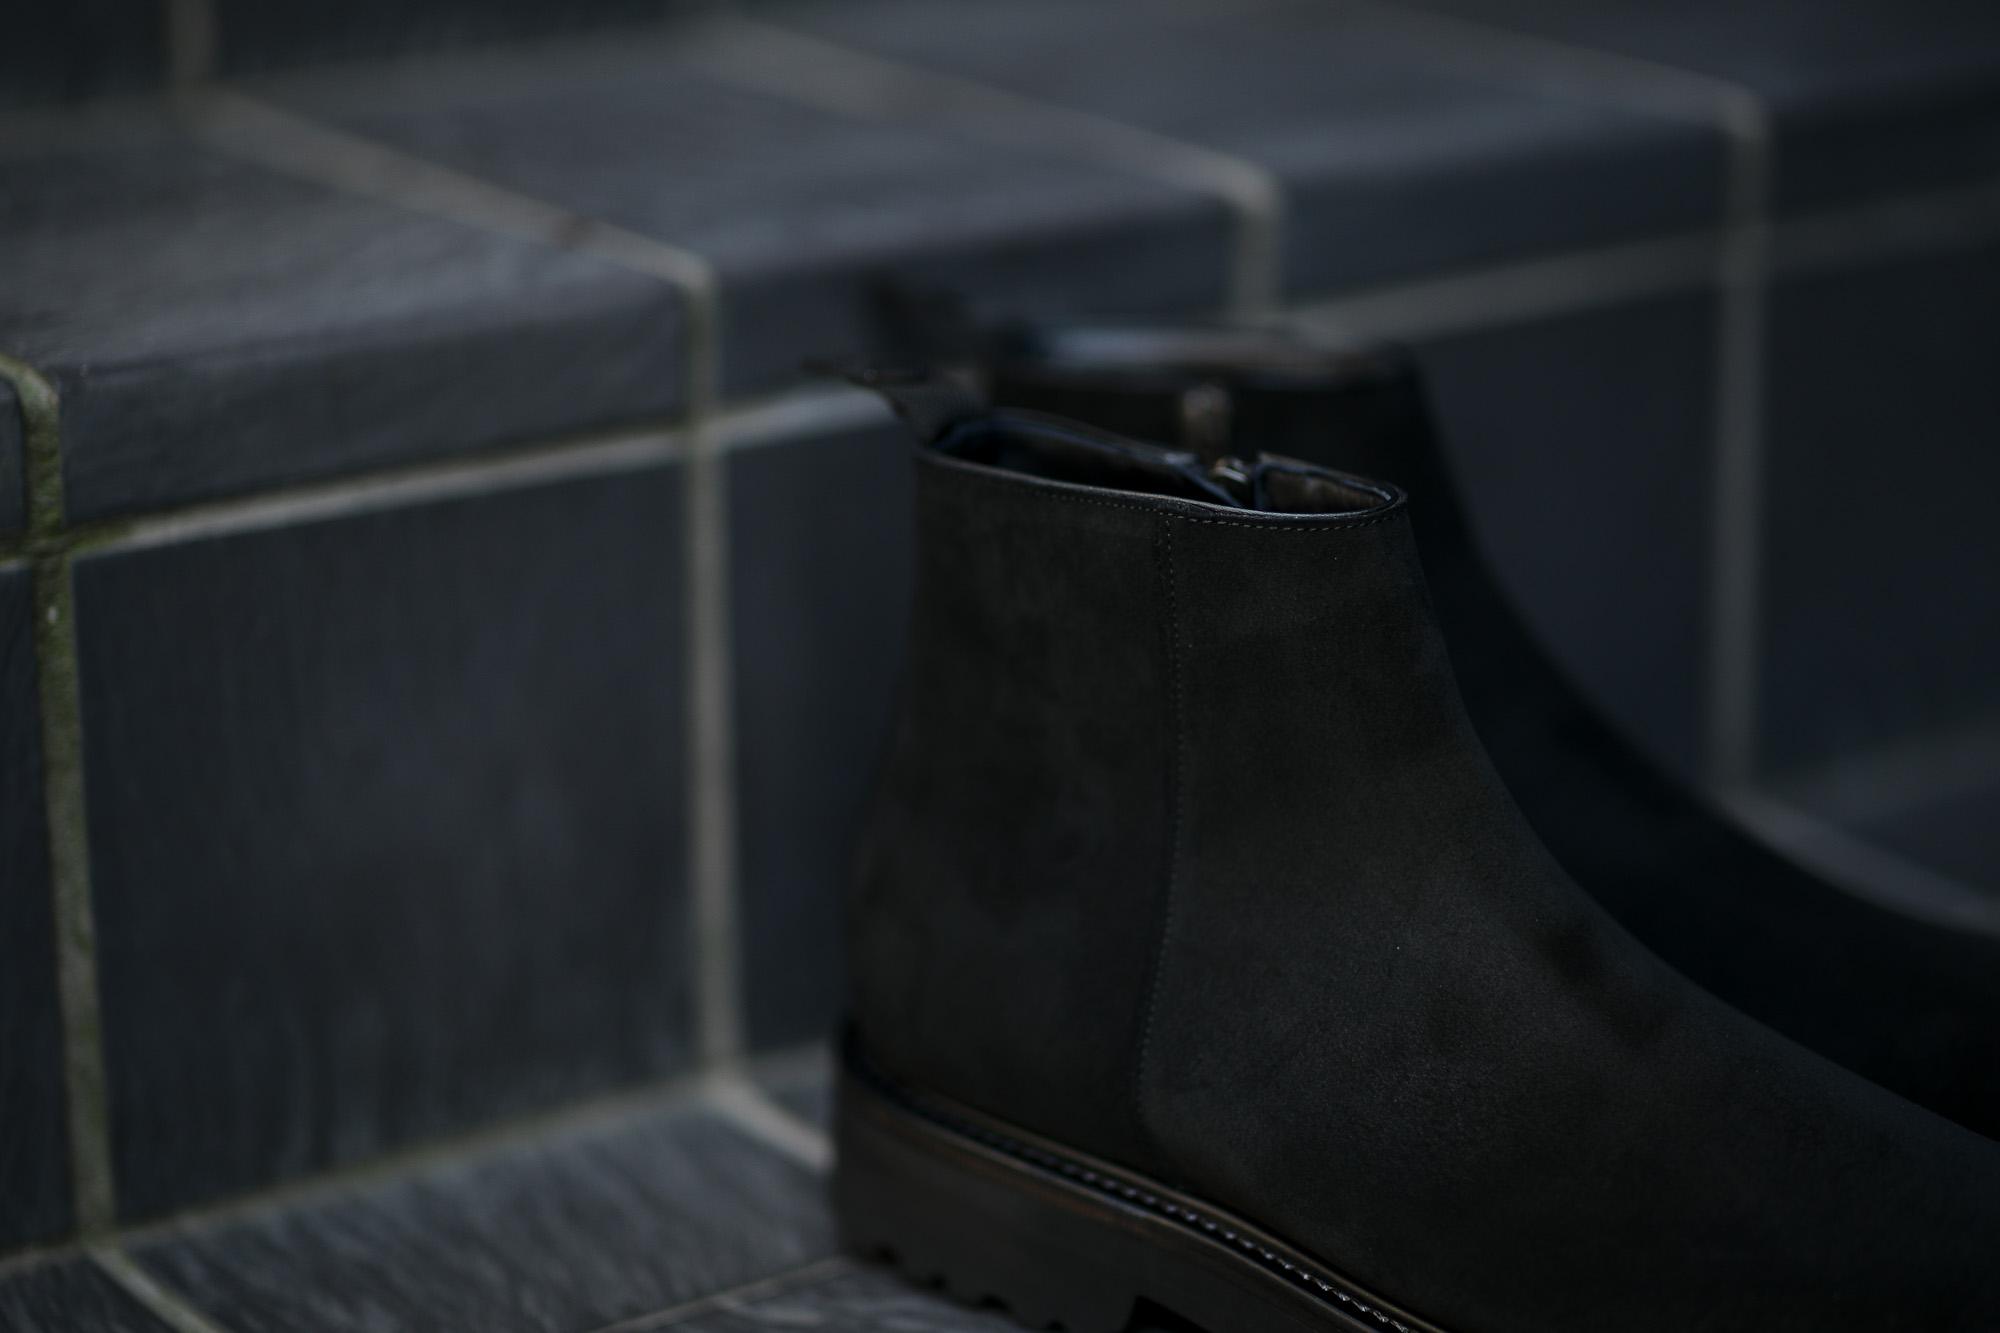 WH(ダブルエイチ) WHS-0730S EVEREST Last (エベレストラスト) CHARLES F. STEAD Superbuck 英国チャールズFステッド社 スエードレザー サイドジップ ブーツ BLACK (ブラック) MADE IN JAPAN (日本製) 2020 秋冬新作 愛知 名古屋 Alto e Diritto altoediritto アルトエデリット スエードブーツ 干場義雅 YOSHIMASA HOSHIBA 坪内 浩 HIRISHI TSUBOUCHI